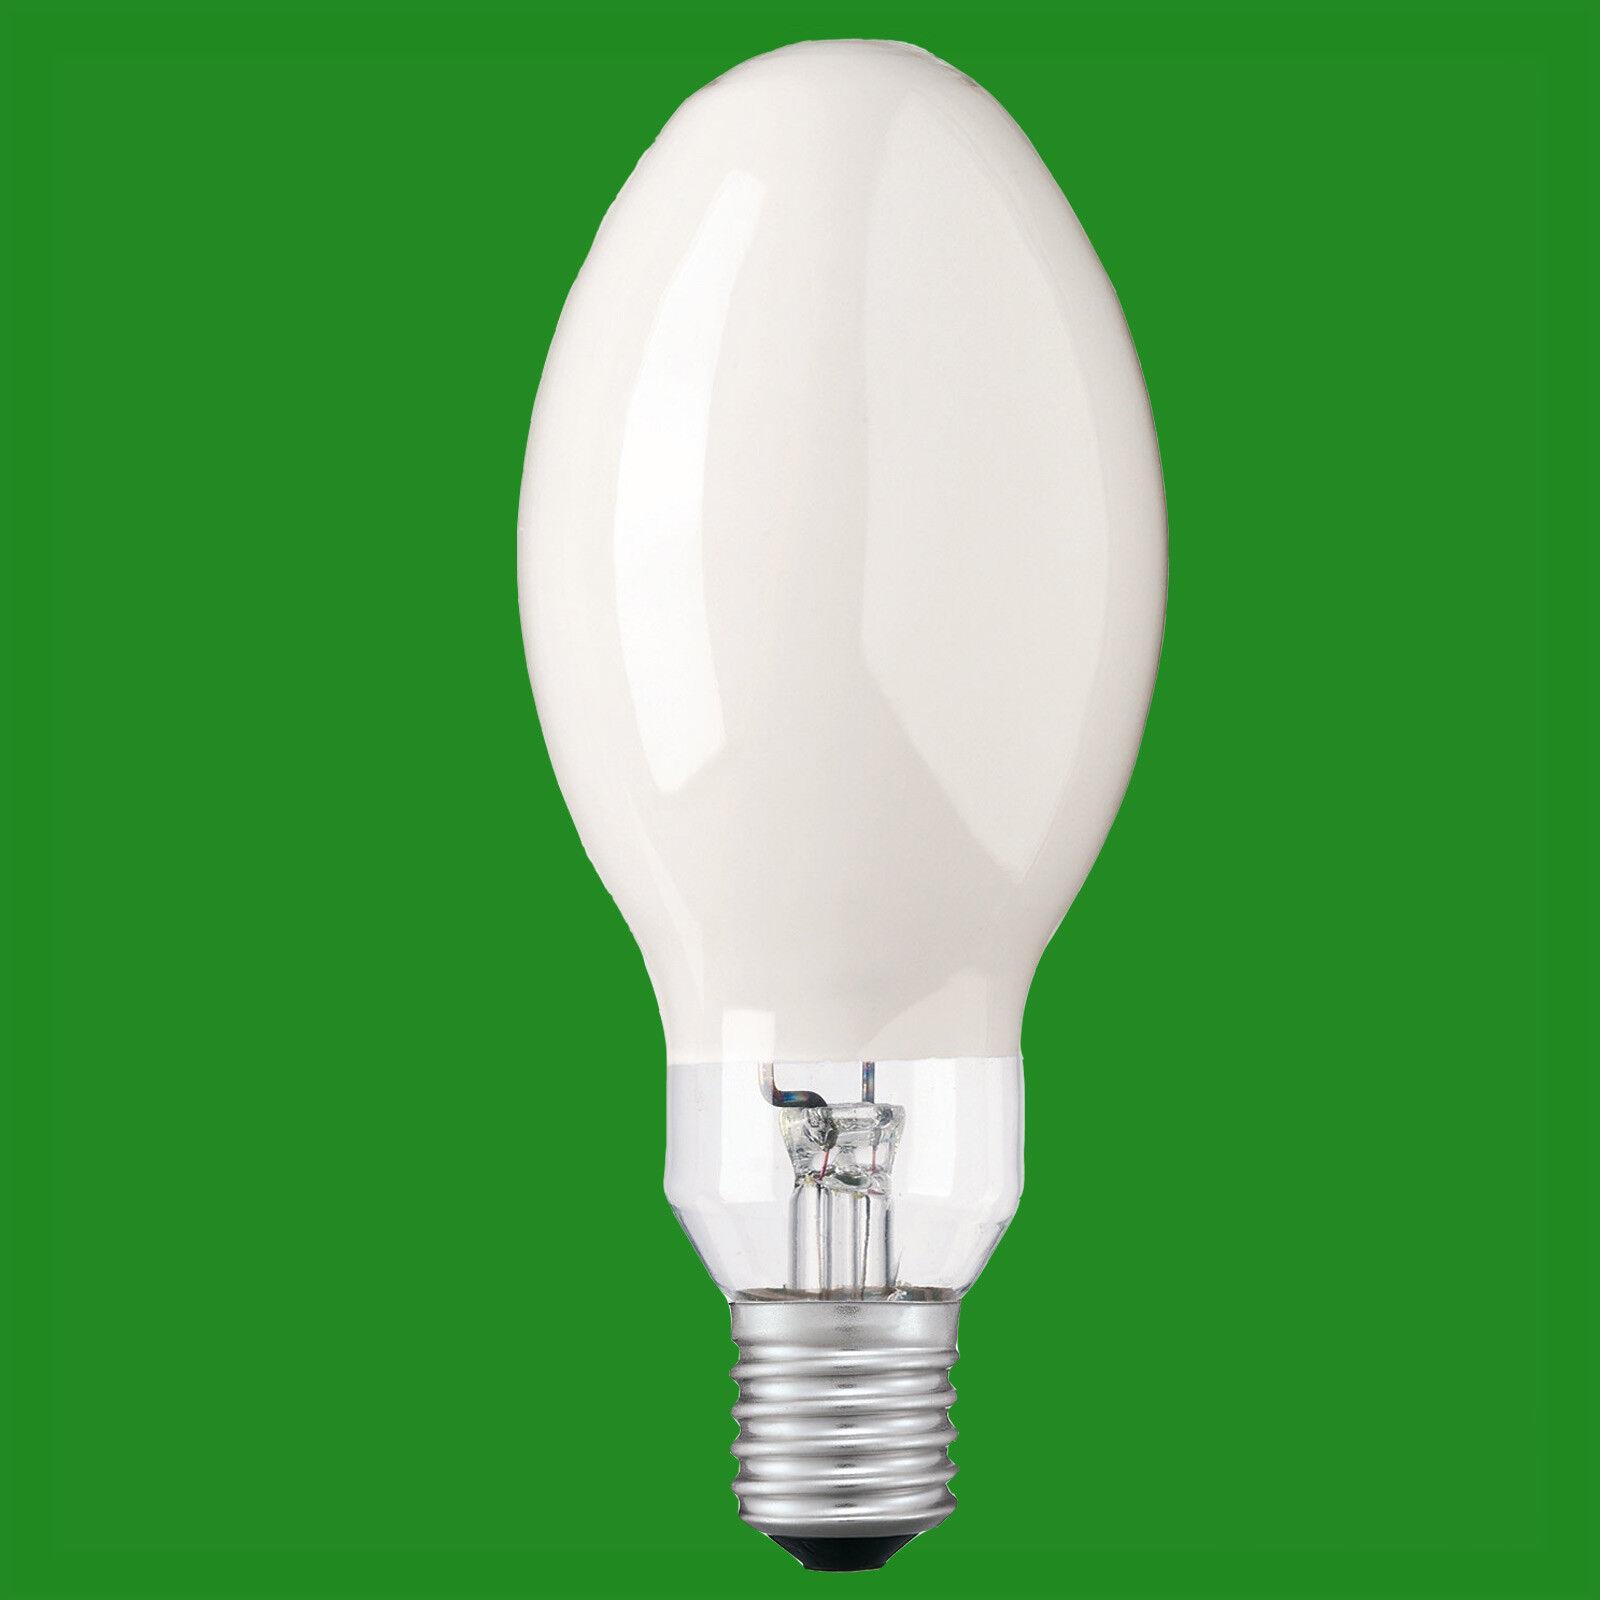 4 x 400W Perla Hpm Mercurio Vapore Lampadina per per per Lampada Ges E40 Golia Edison b10aea